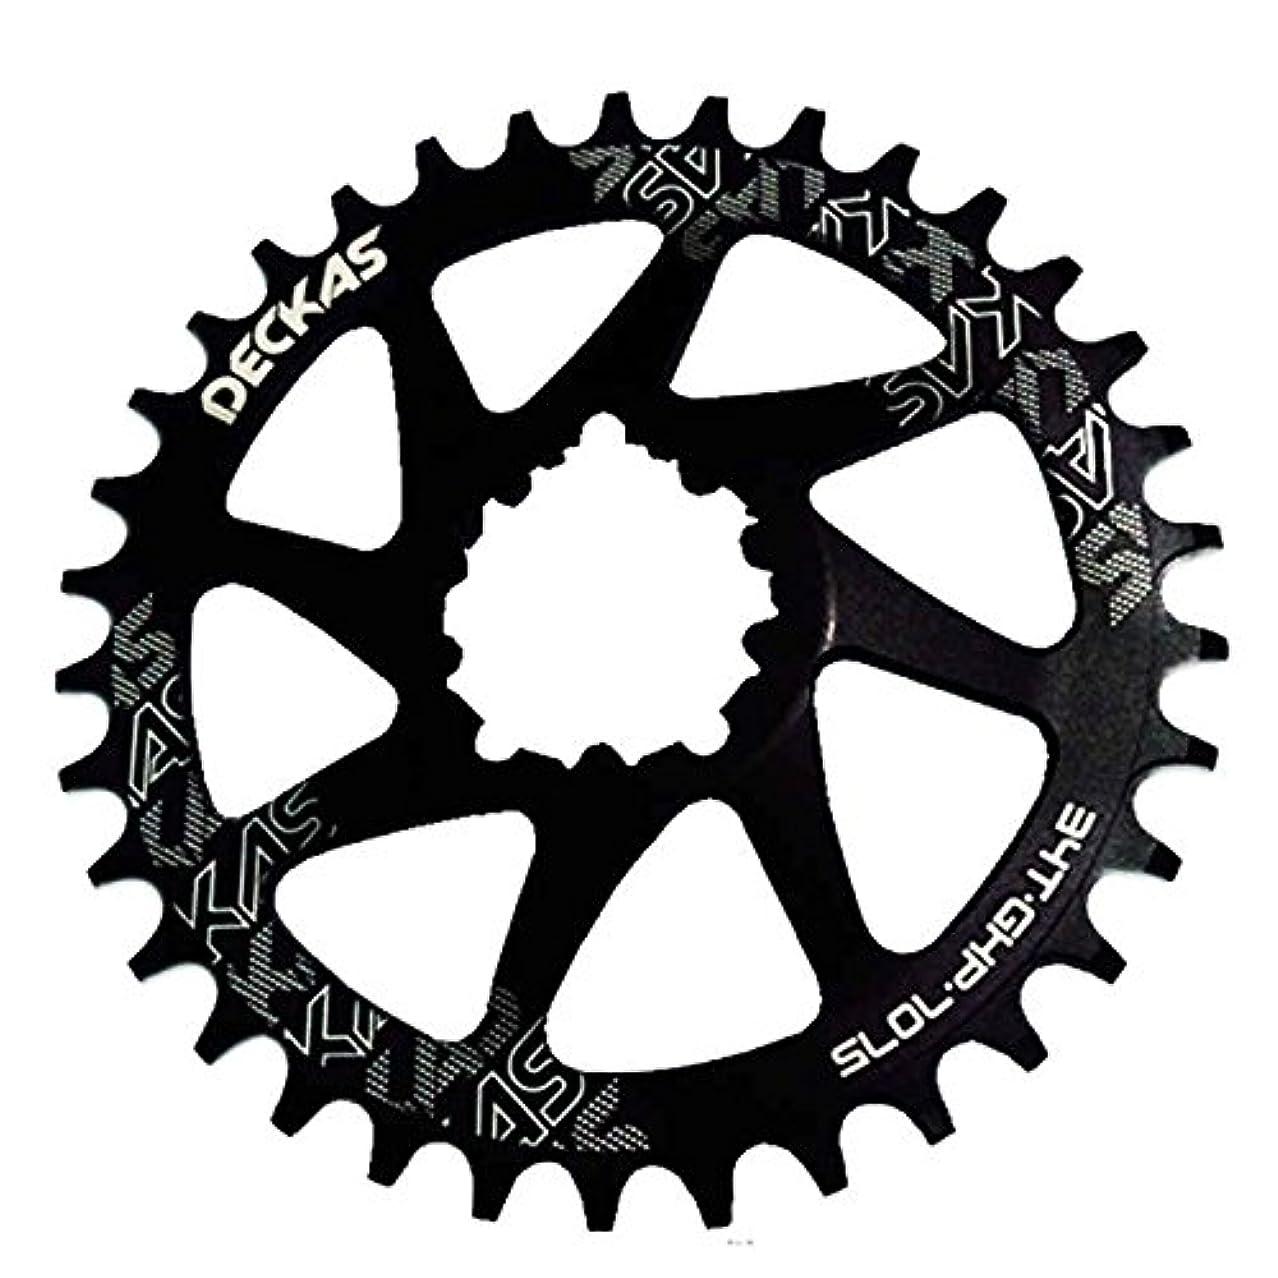 アソシエイトベーリング海峡黒板Propenary - GXP bicycle crankset Al 7075 CNC32T 34T Narrow Wide Chainring Chainwheel for Sram XX1 XO1 X1 GX XO...